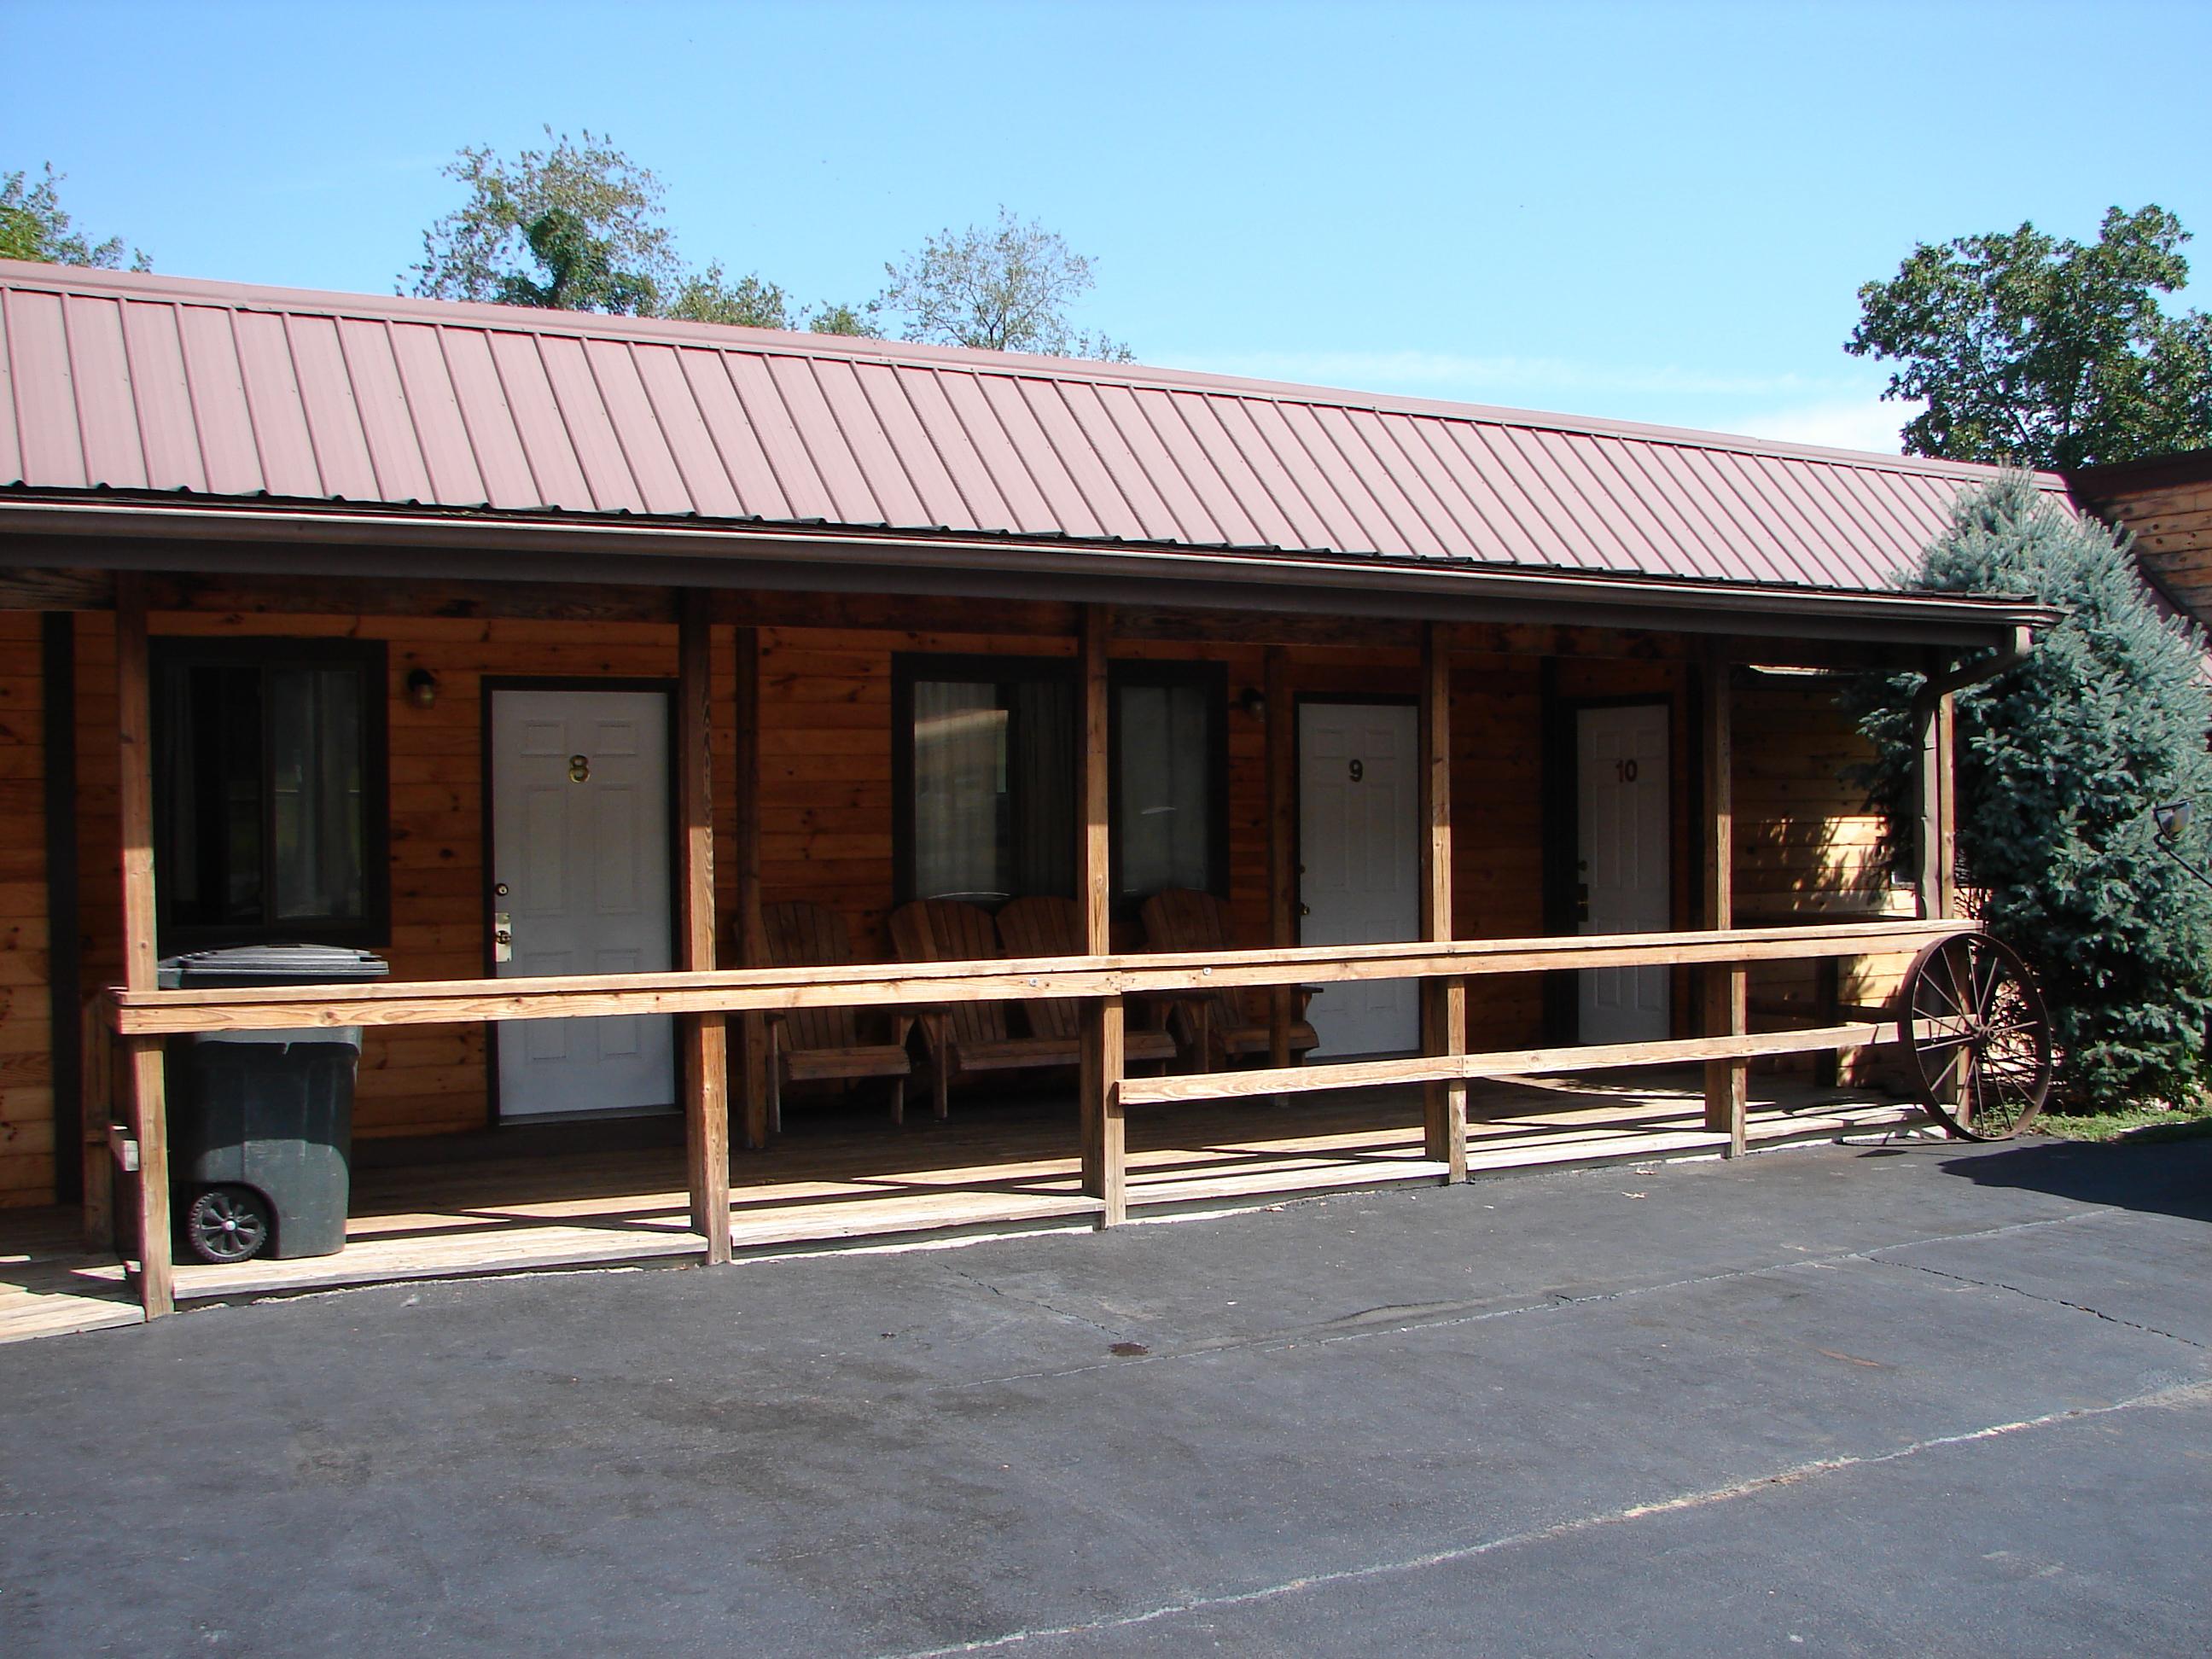 Big Spring Road Motel, Van Buren MO